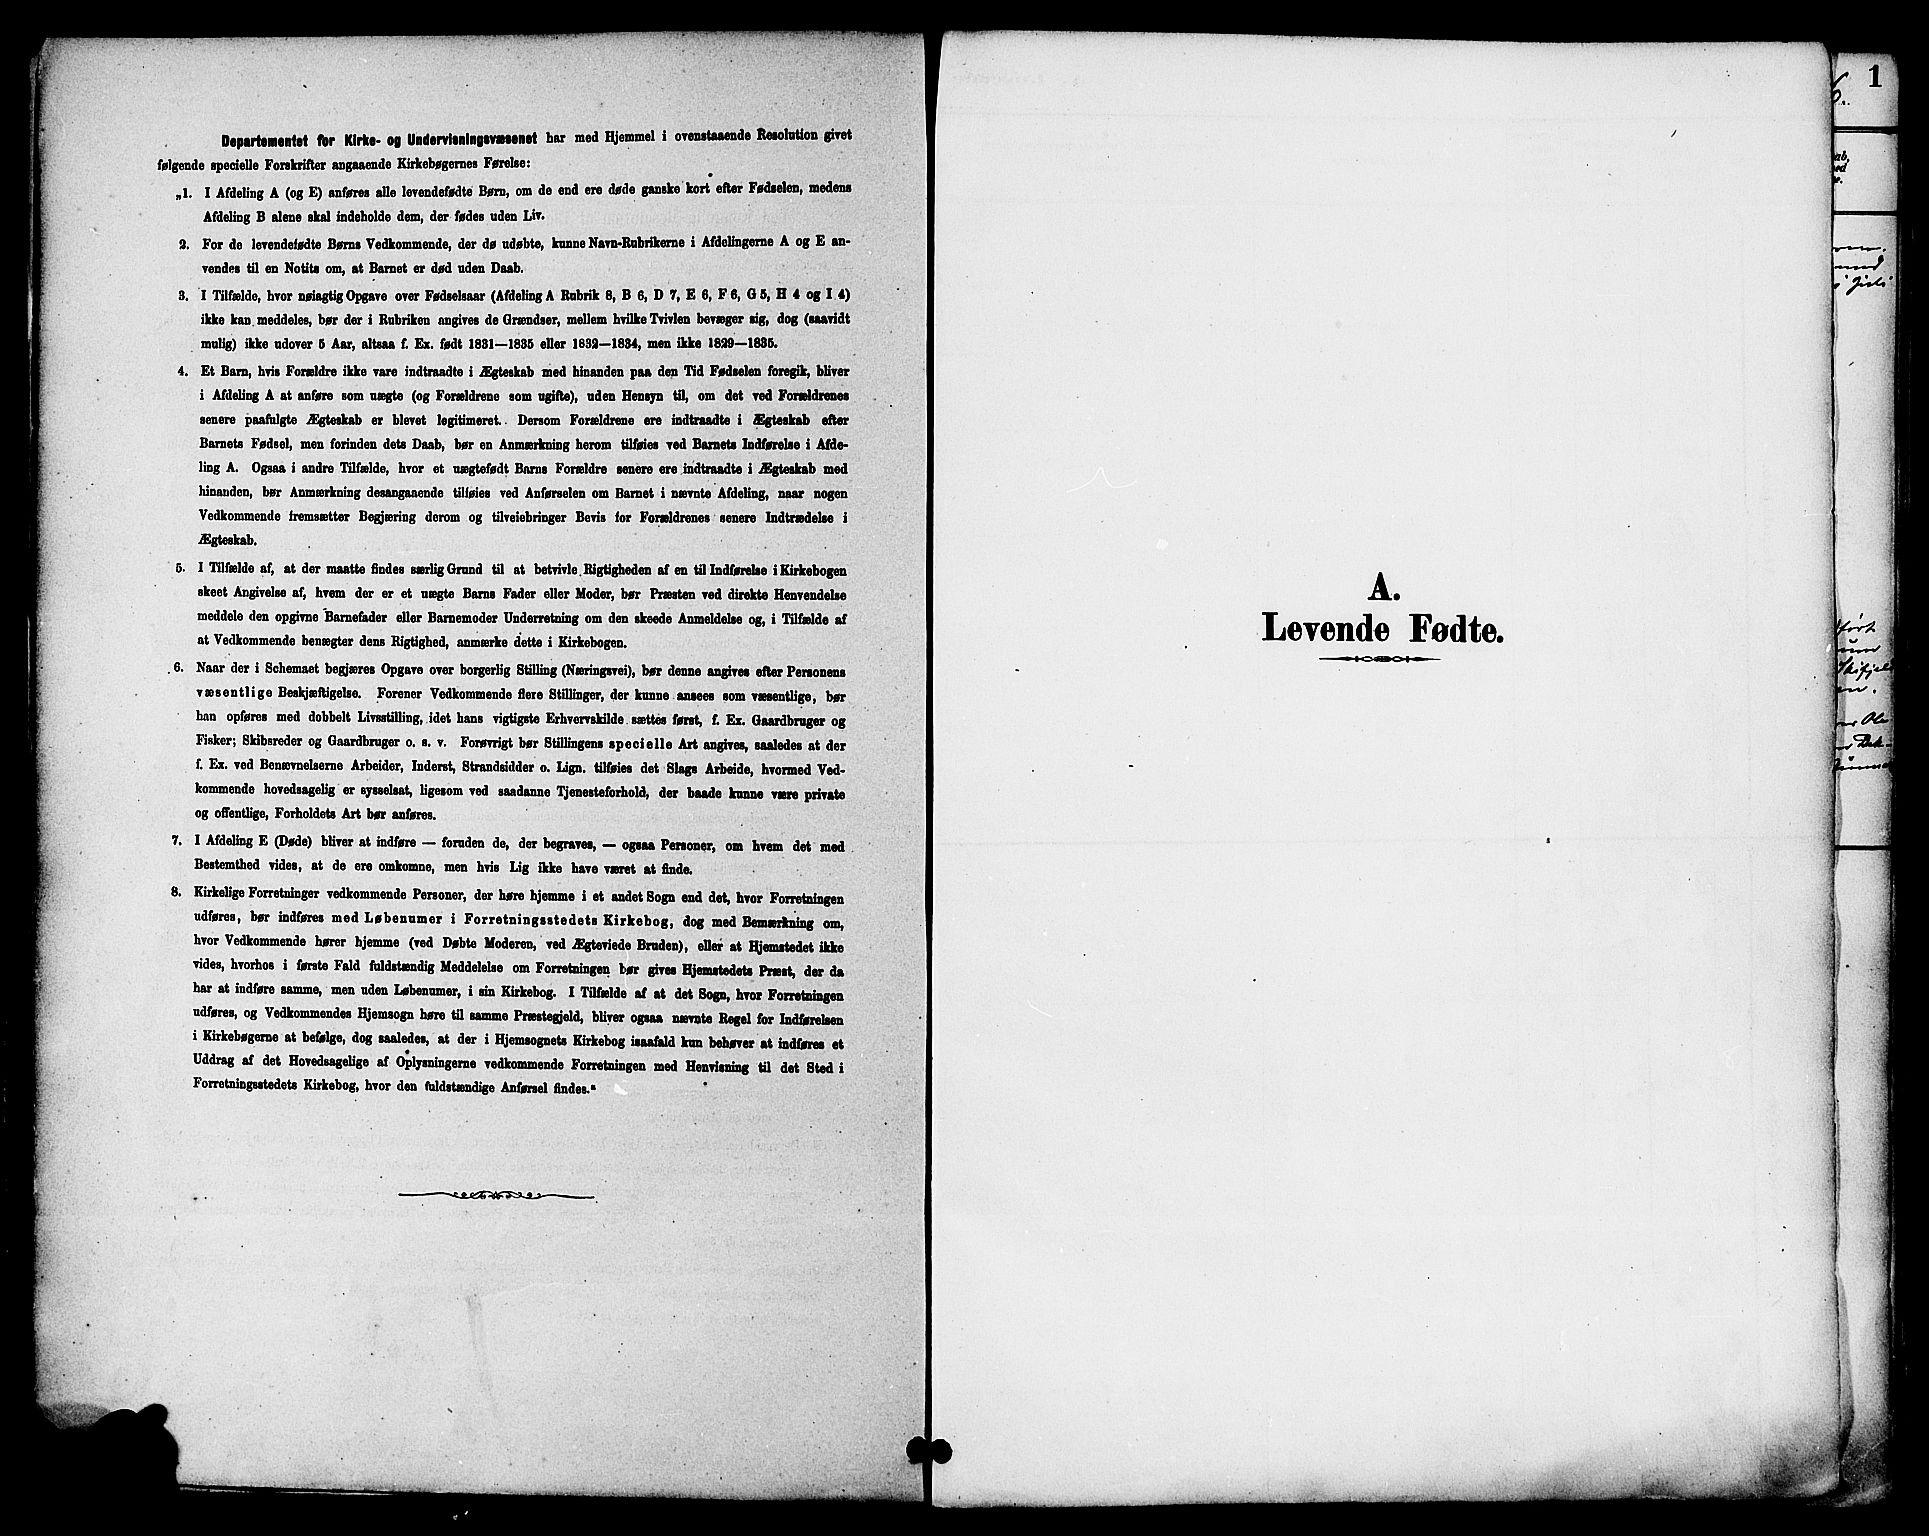 SAKO, Gjerpen kirkebøker, F/Fa/L0010: Ministerialbok nr. 10, 1886-1895